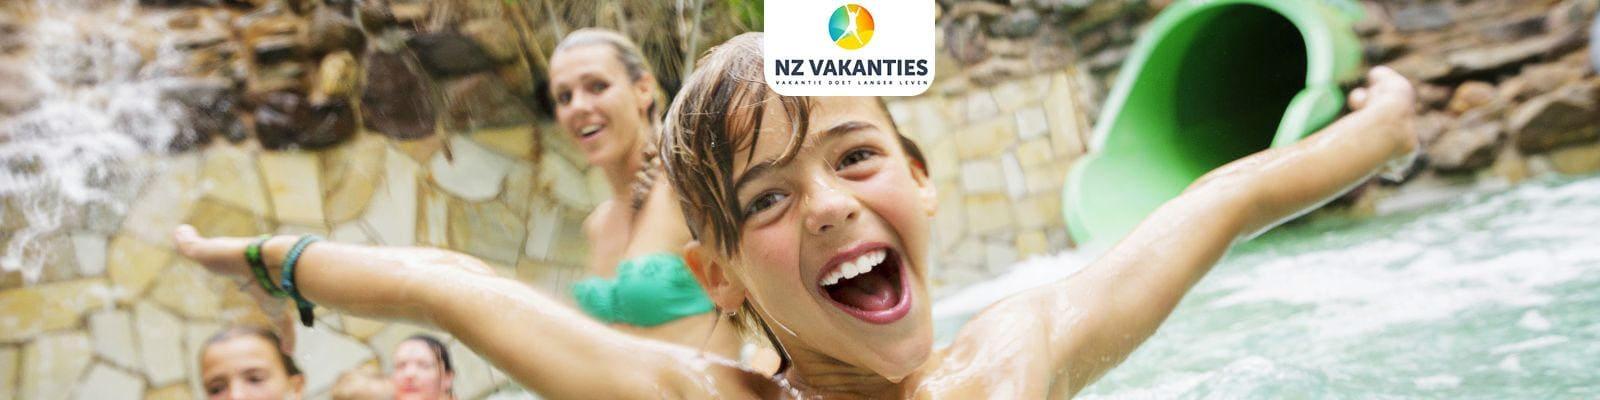 NZ vakanties